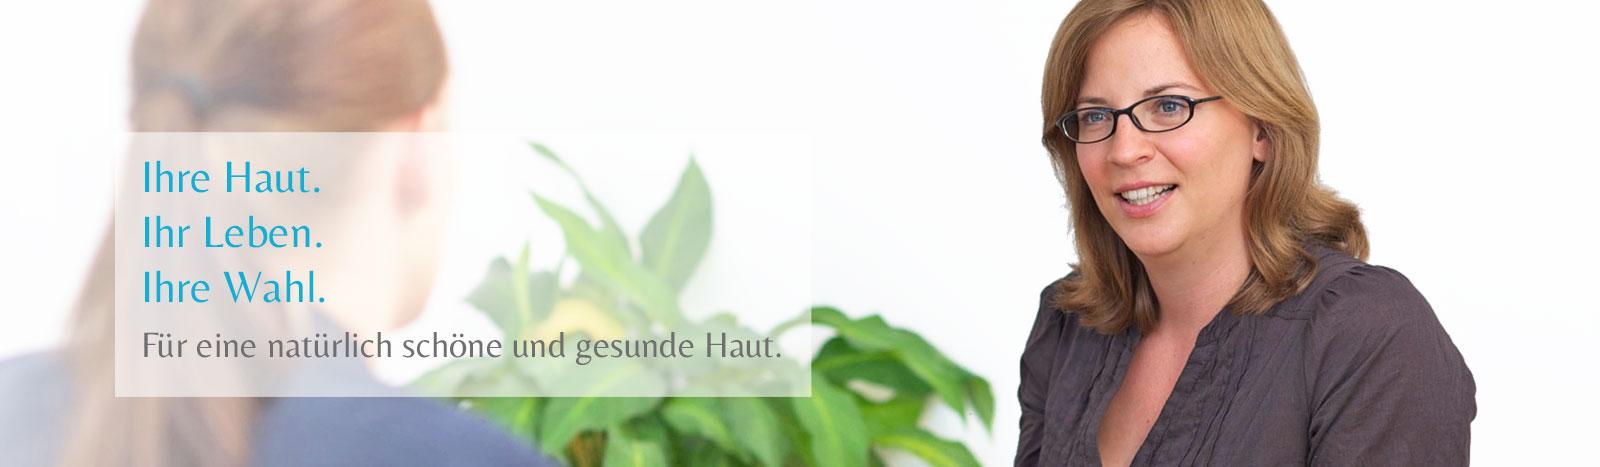 header-neue-startseite3